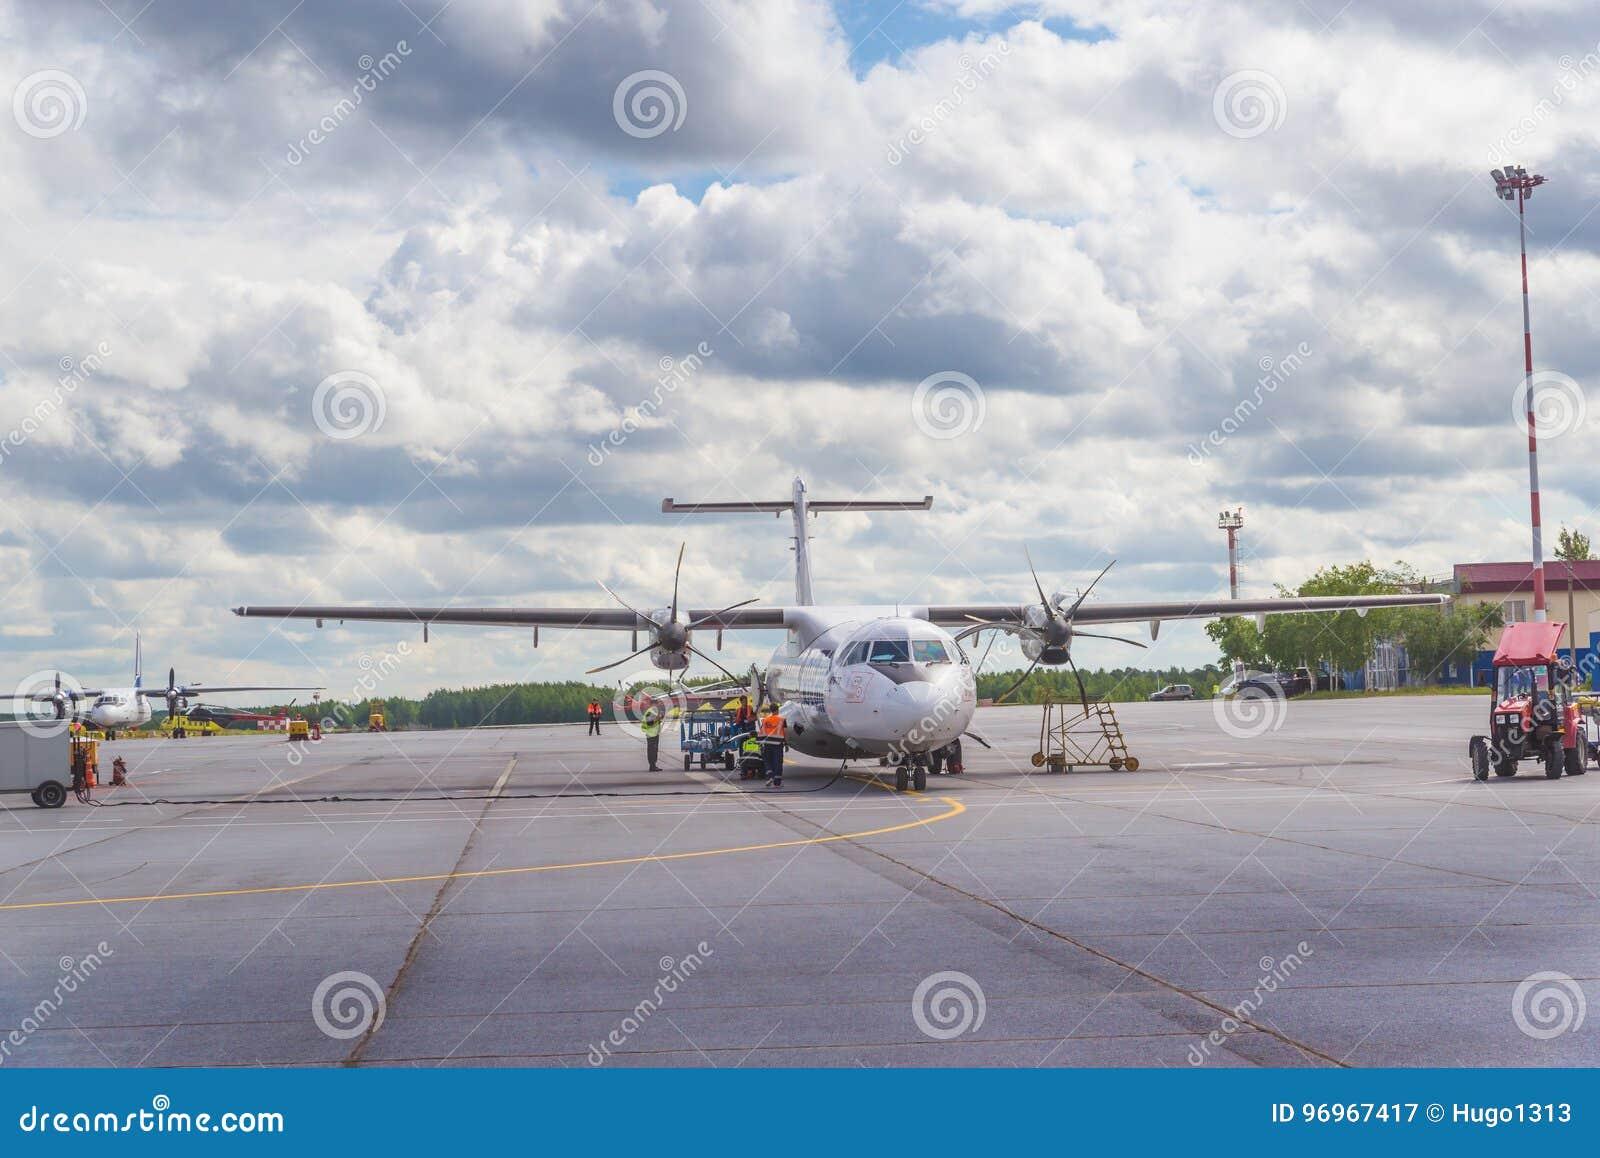 Surgut, Russland - 27. Juni 2017: Flugzeug auf der Rollbahn von Surgut-Flughafen